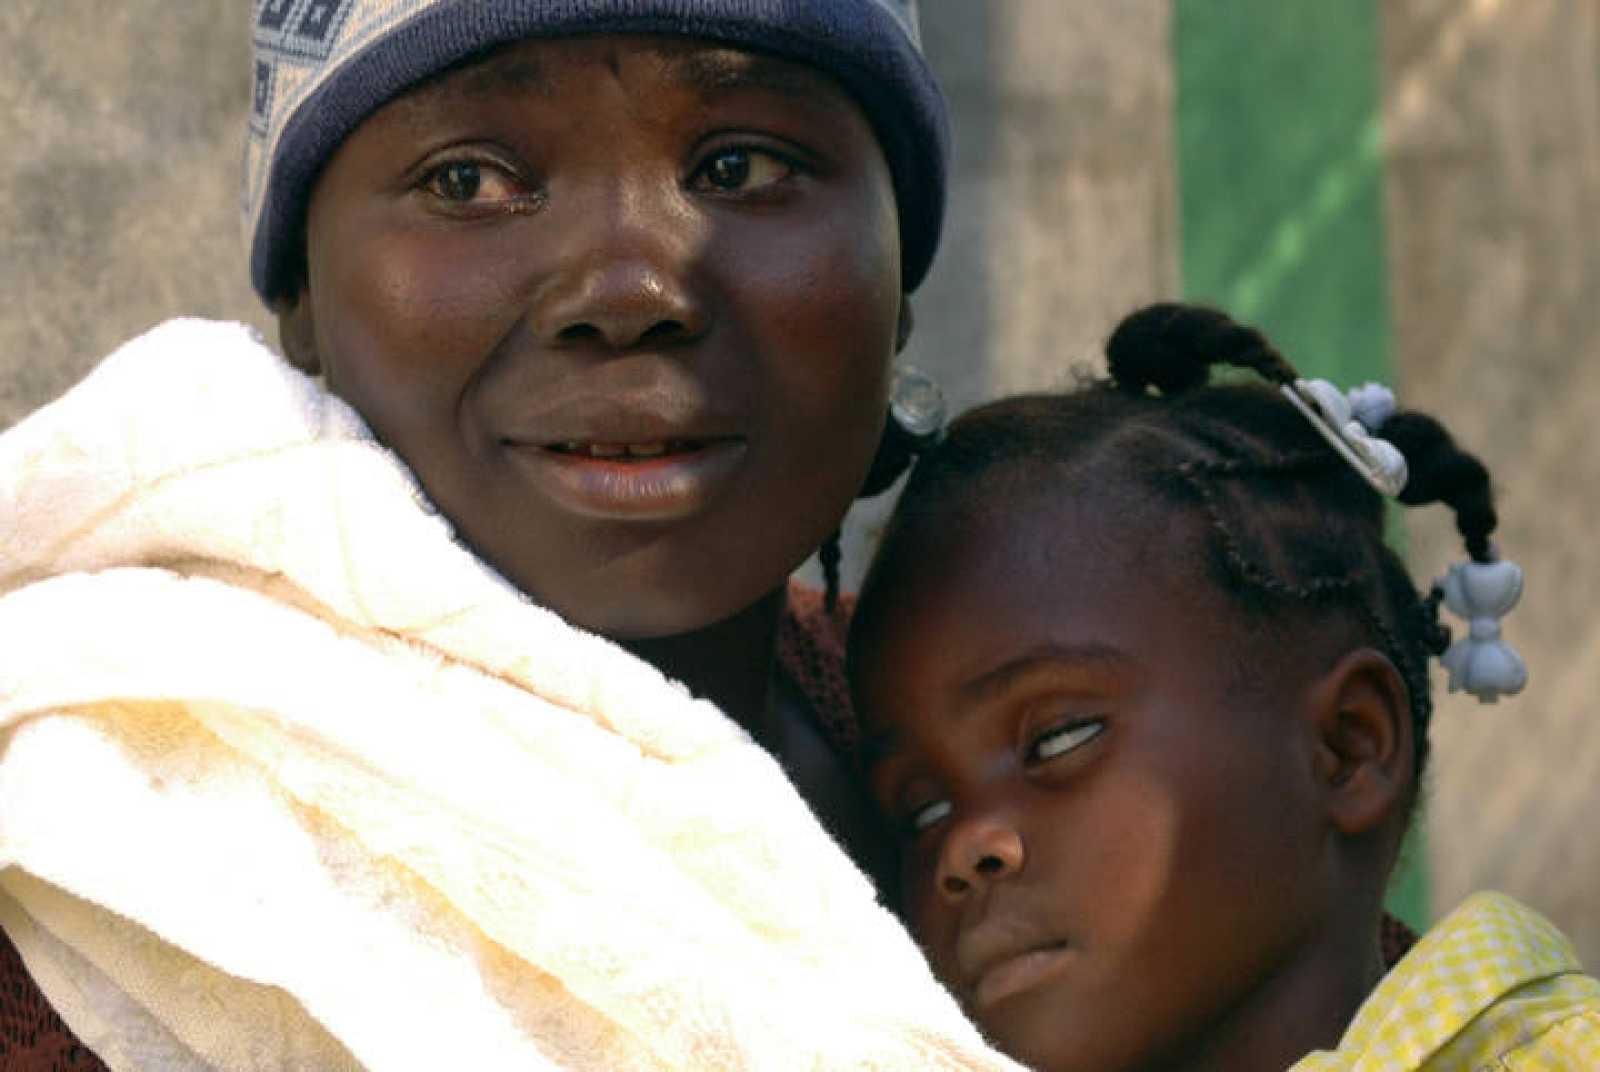 Una residente en Haití sostiene a su bebé, que está sufriendo de cólera.